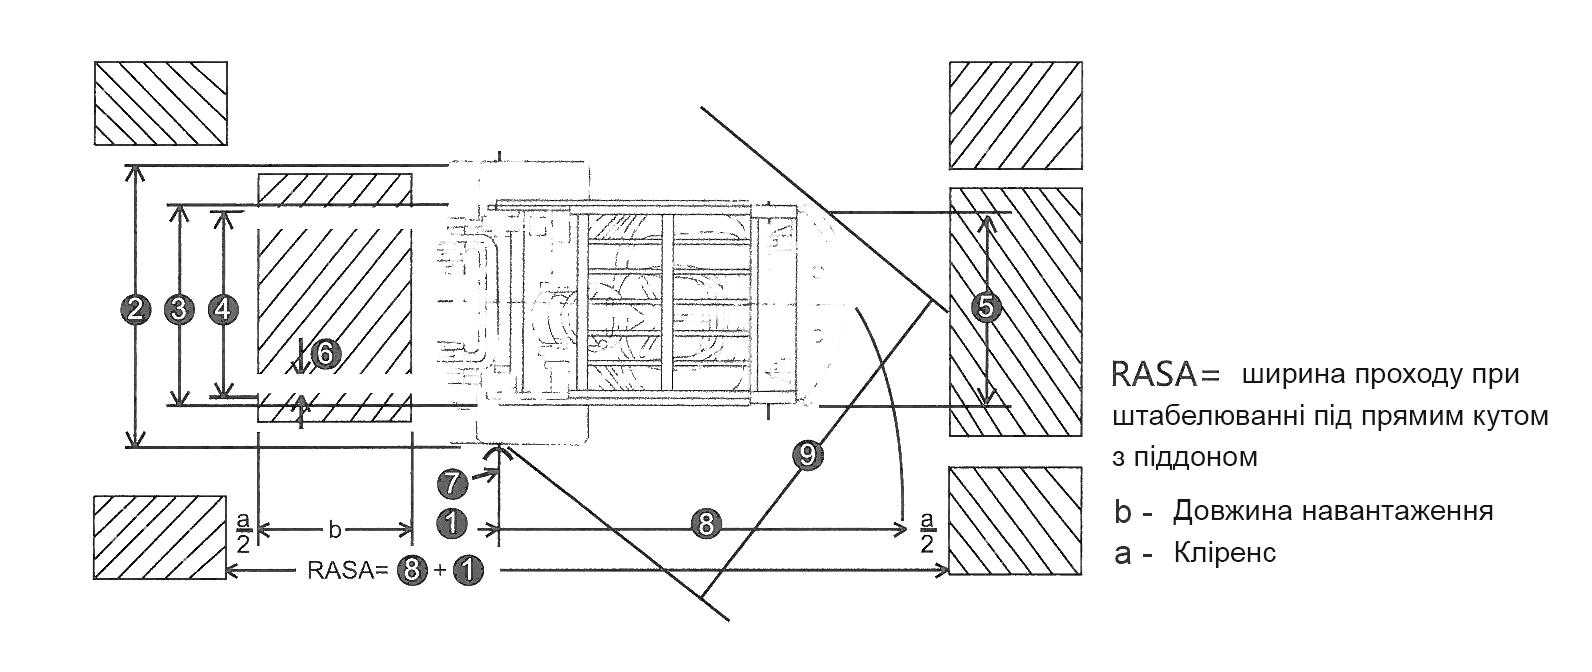 Креслення вилочного навантажувача TEREN FD30T | Чертеж вилочного погрузчика TEREN FD30T